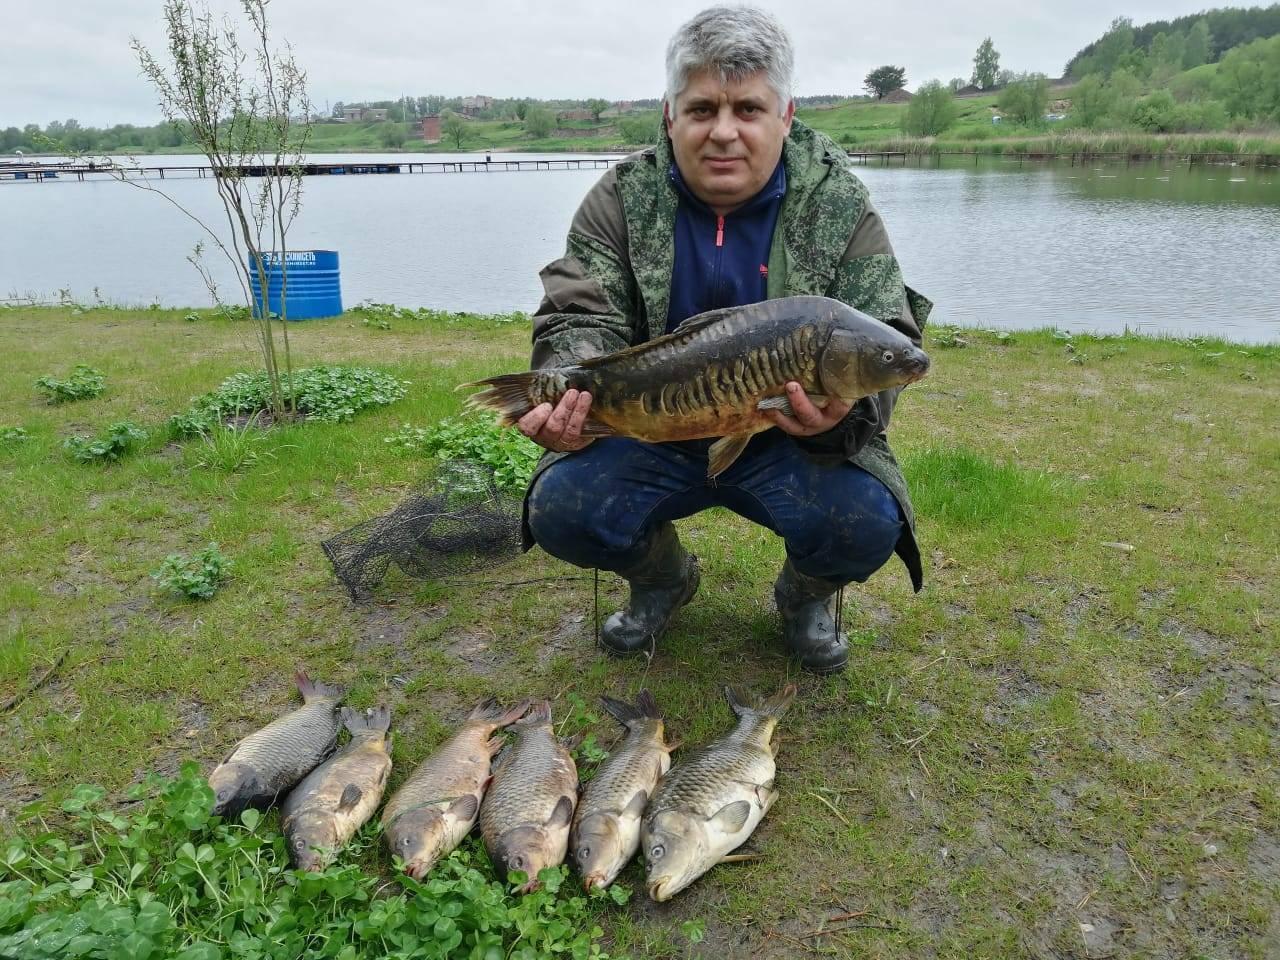 Обзор платных и бесплатных мест для рыбалки в брянске и брянской области | berlogakarelia.ru